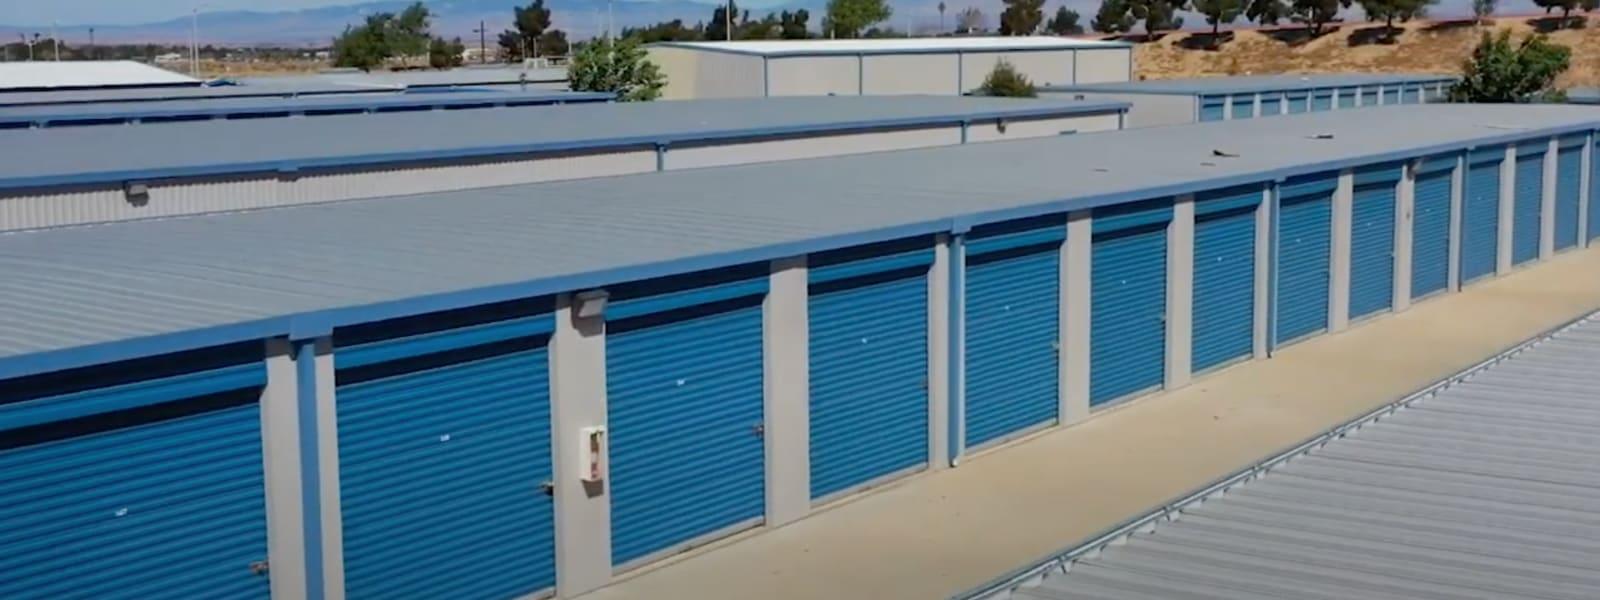 A-American Self Storage in Rialto, California